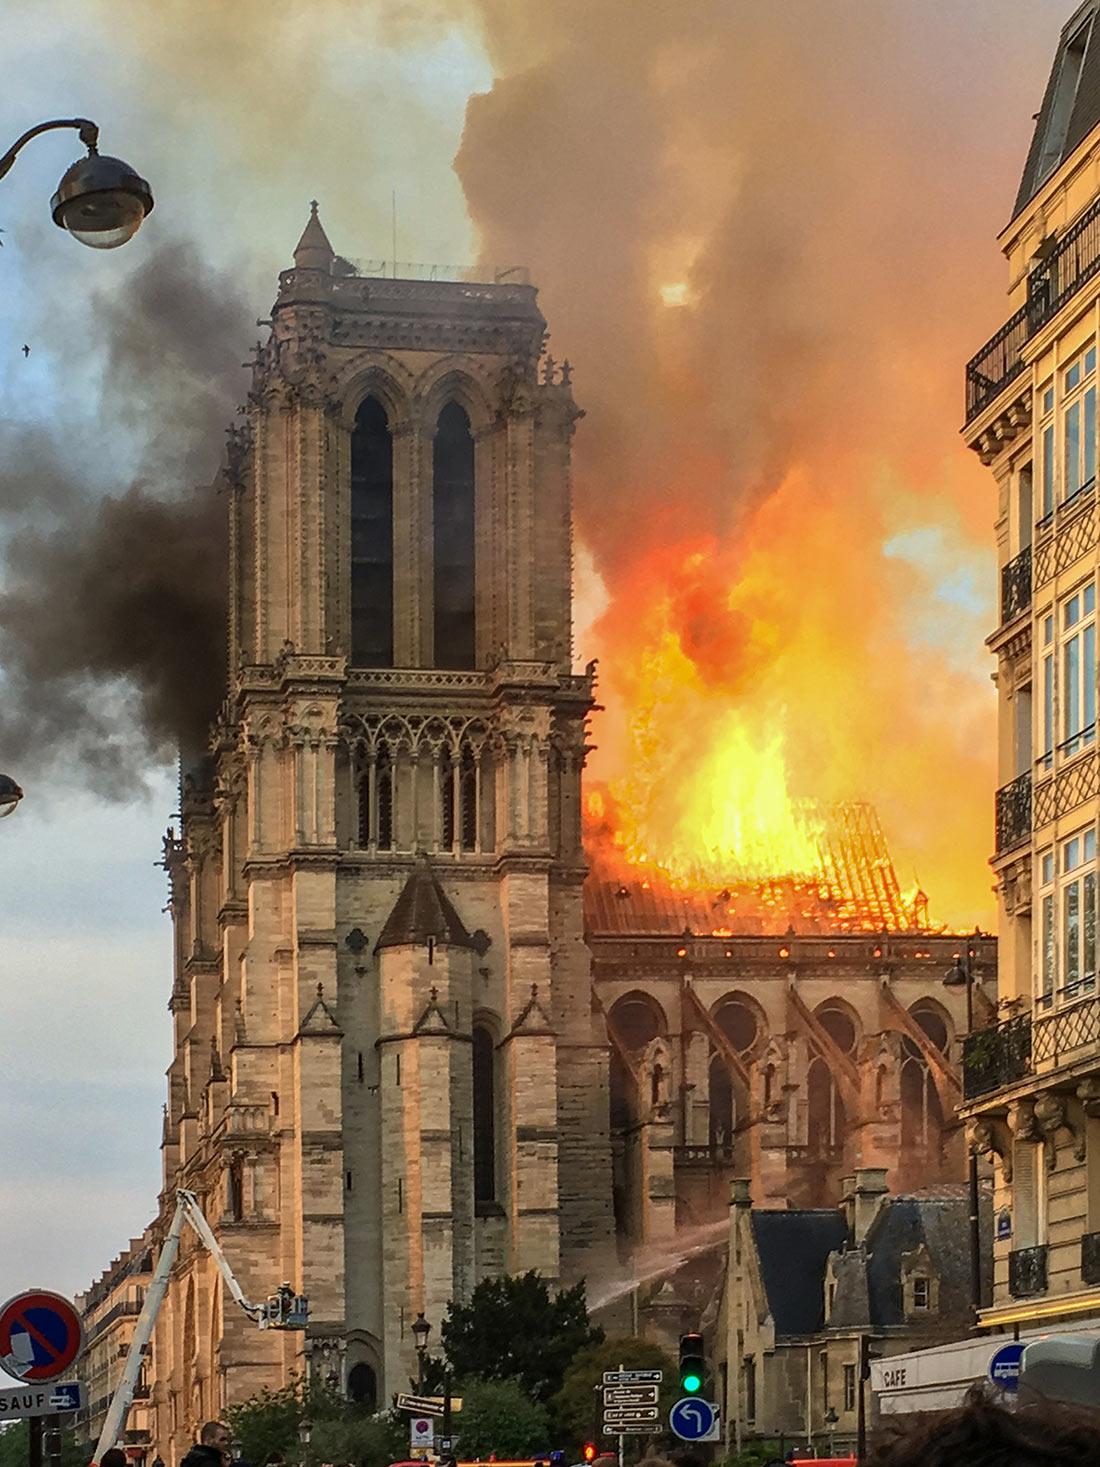 https://en.topvoyager.com/wp-content/uploads/2019/04/notre-dame-de-paris-1.jpg